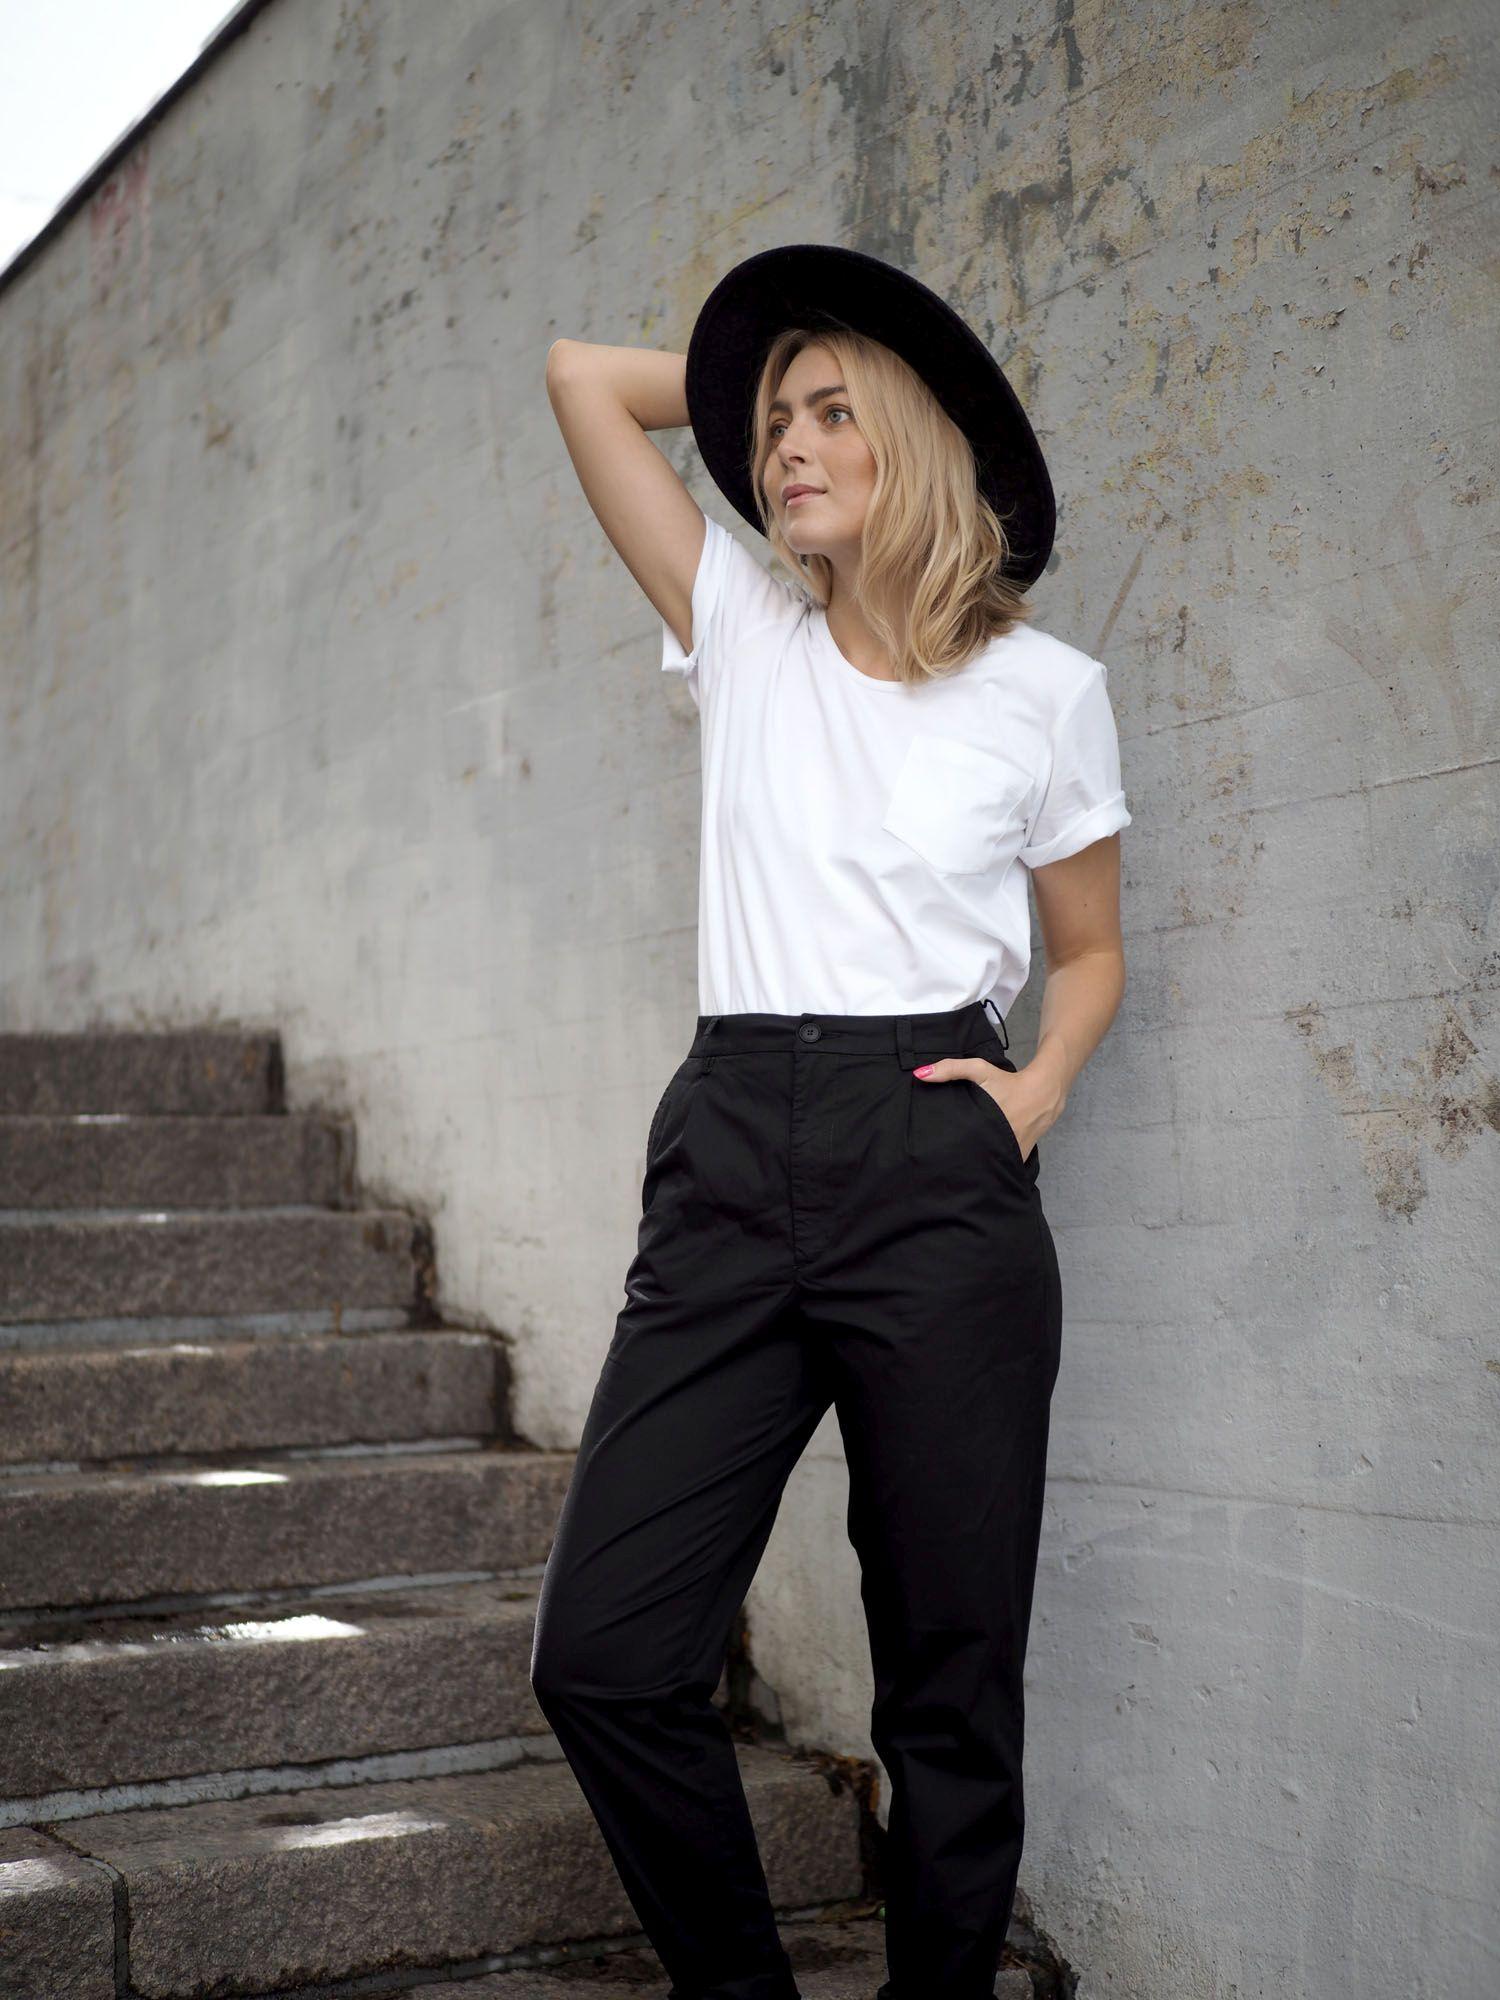 Vaatekaapin kulmakivet  Mistä löytää täydellinen valkoinen t-paita ... f4feb0b519